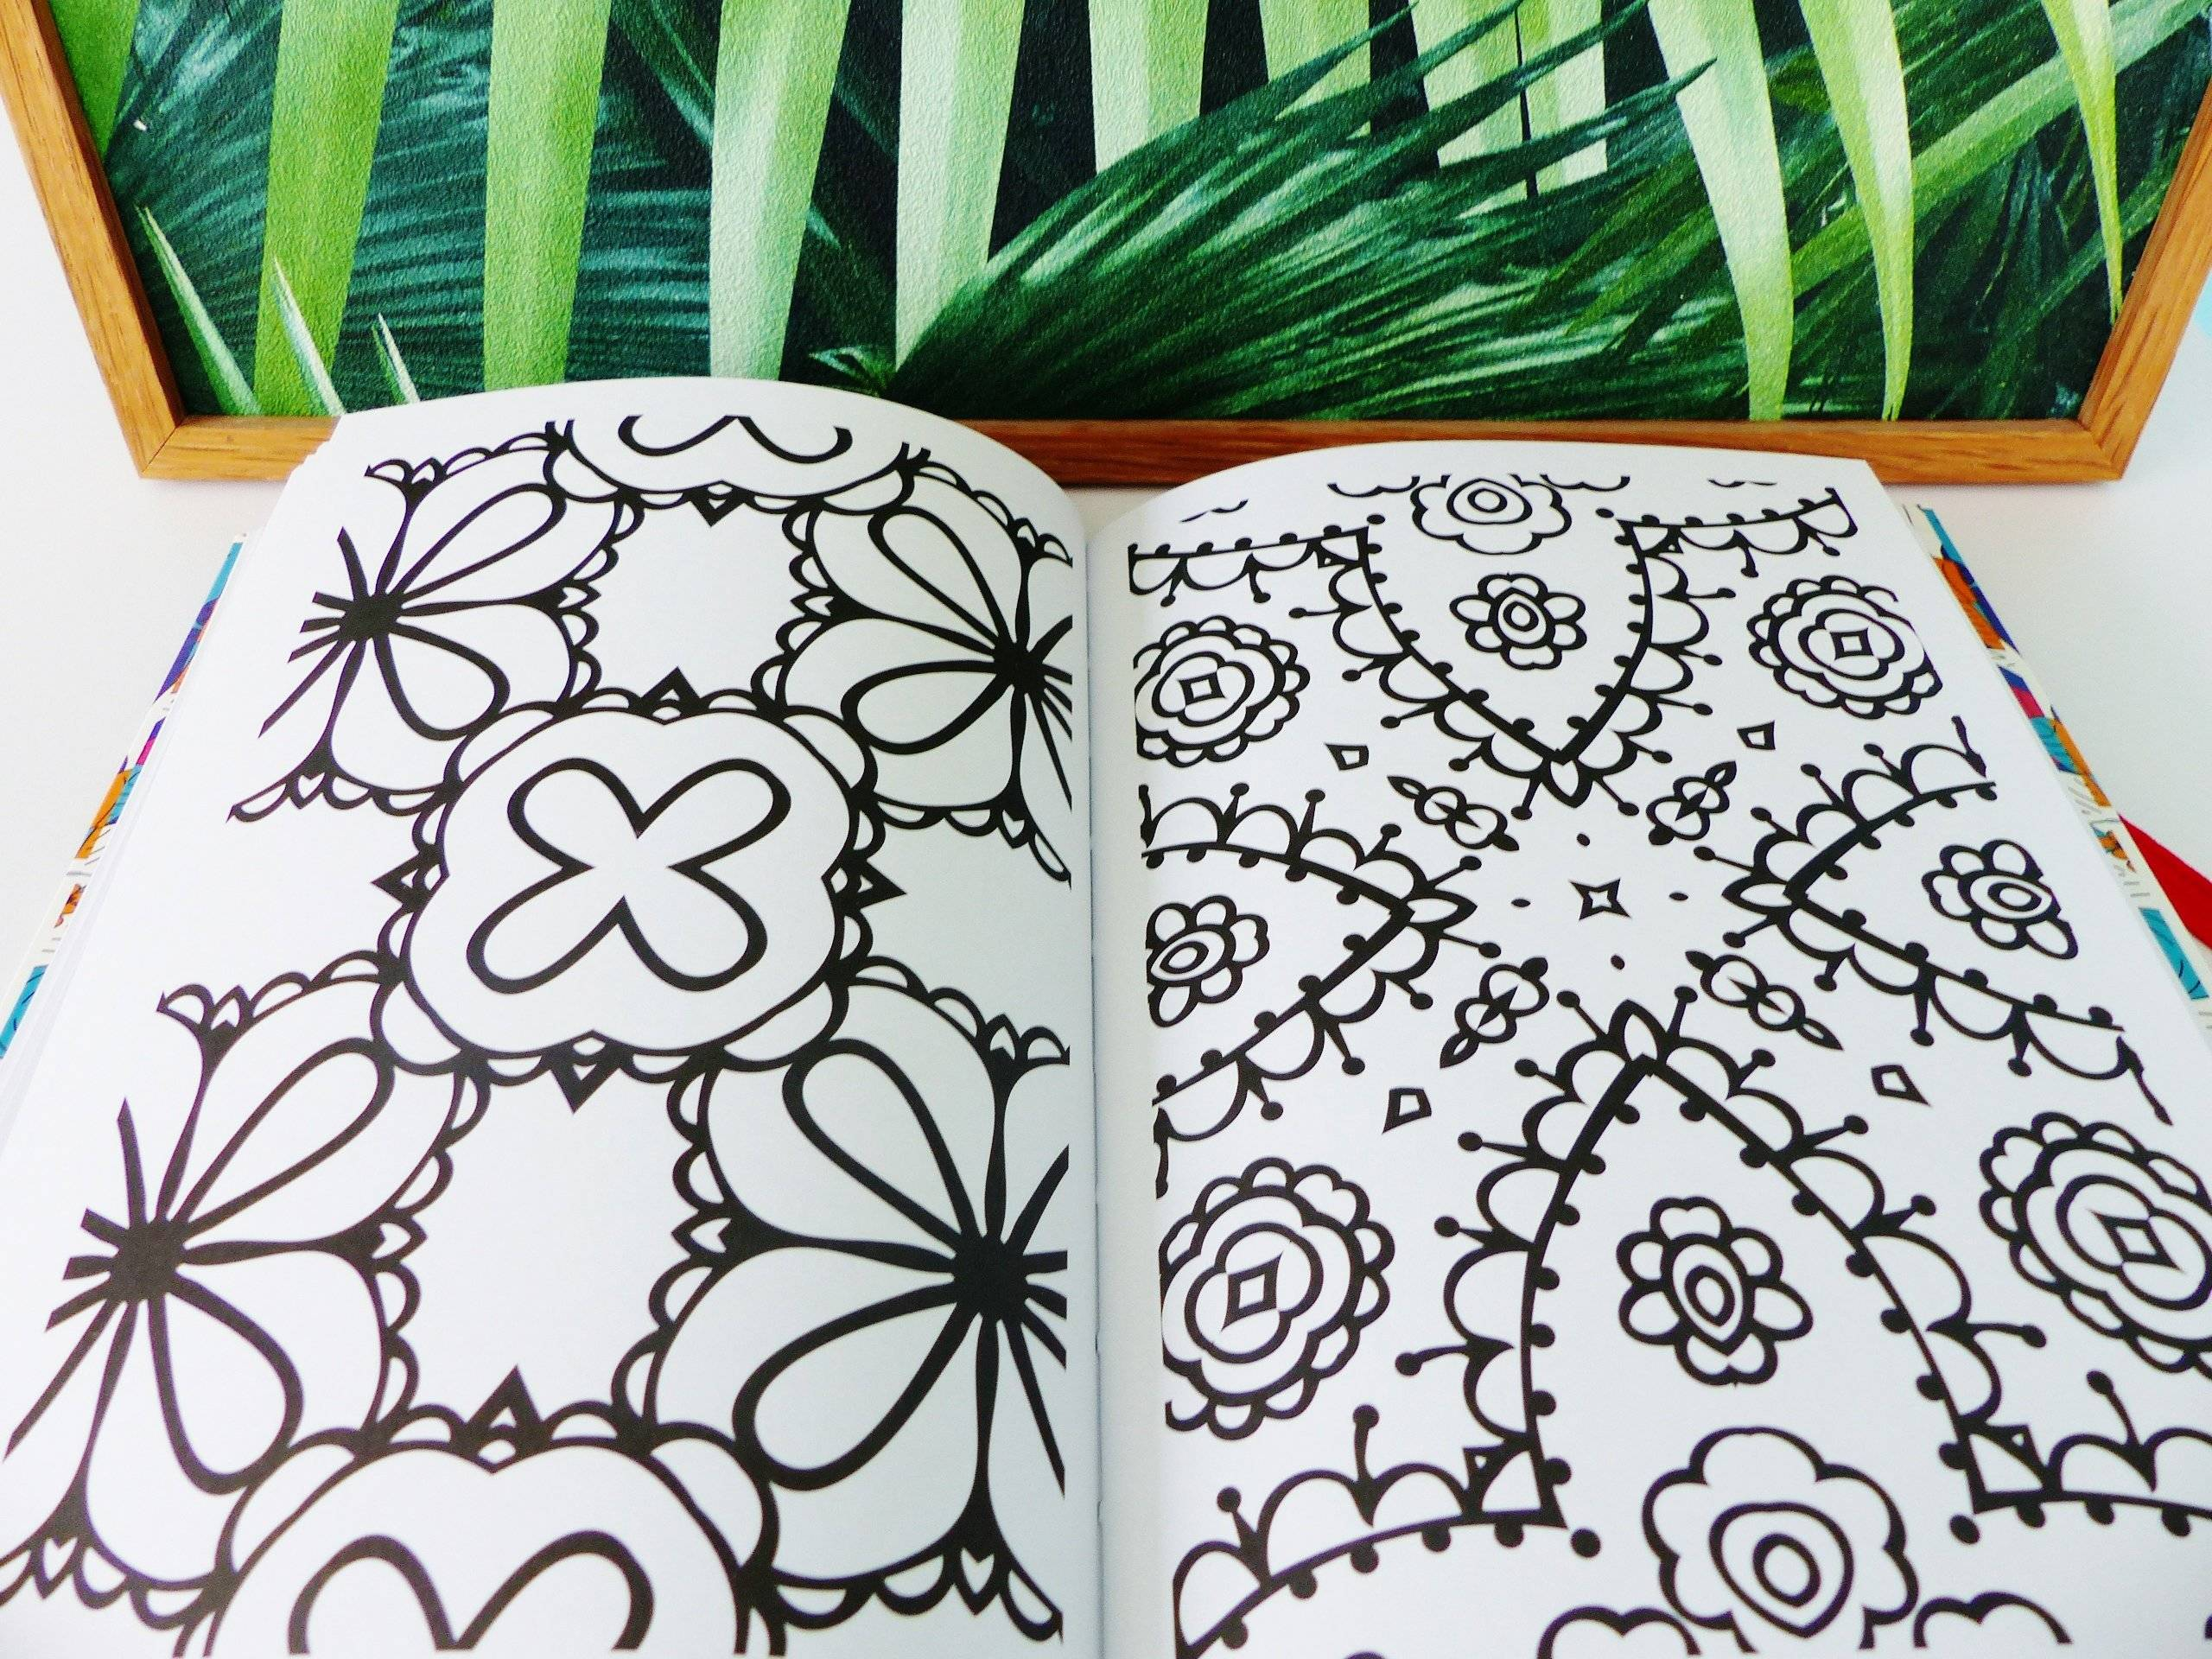 livre de coloriage pour adultes fleurs motifs géométriques nombreux détails the gorgeous colouring book for grown-ups